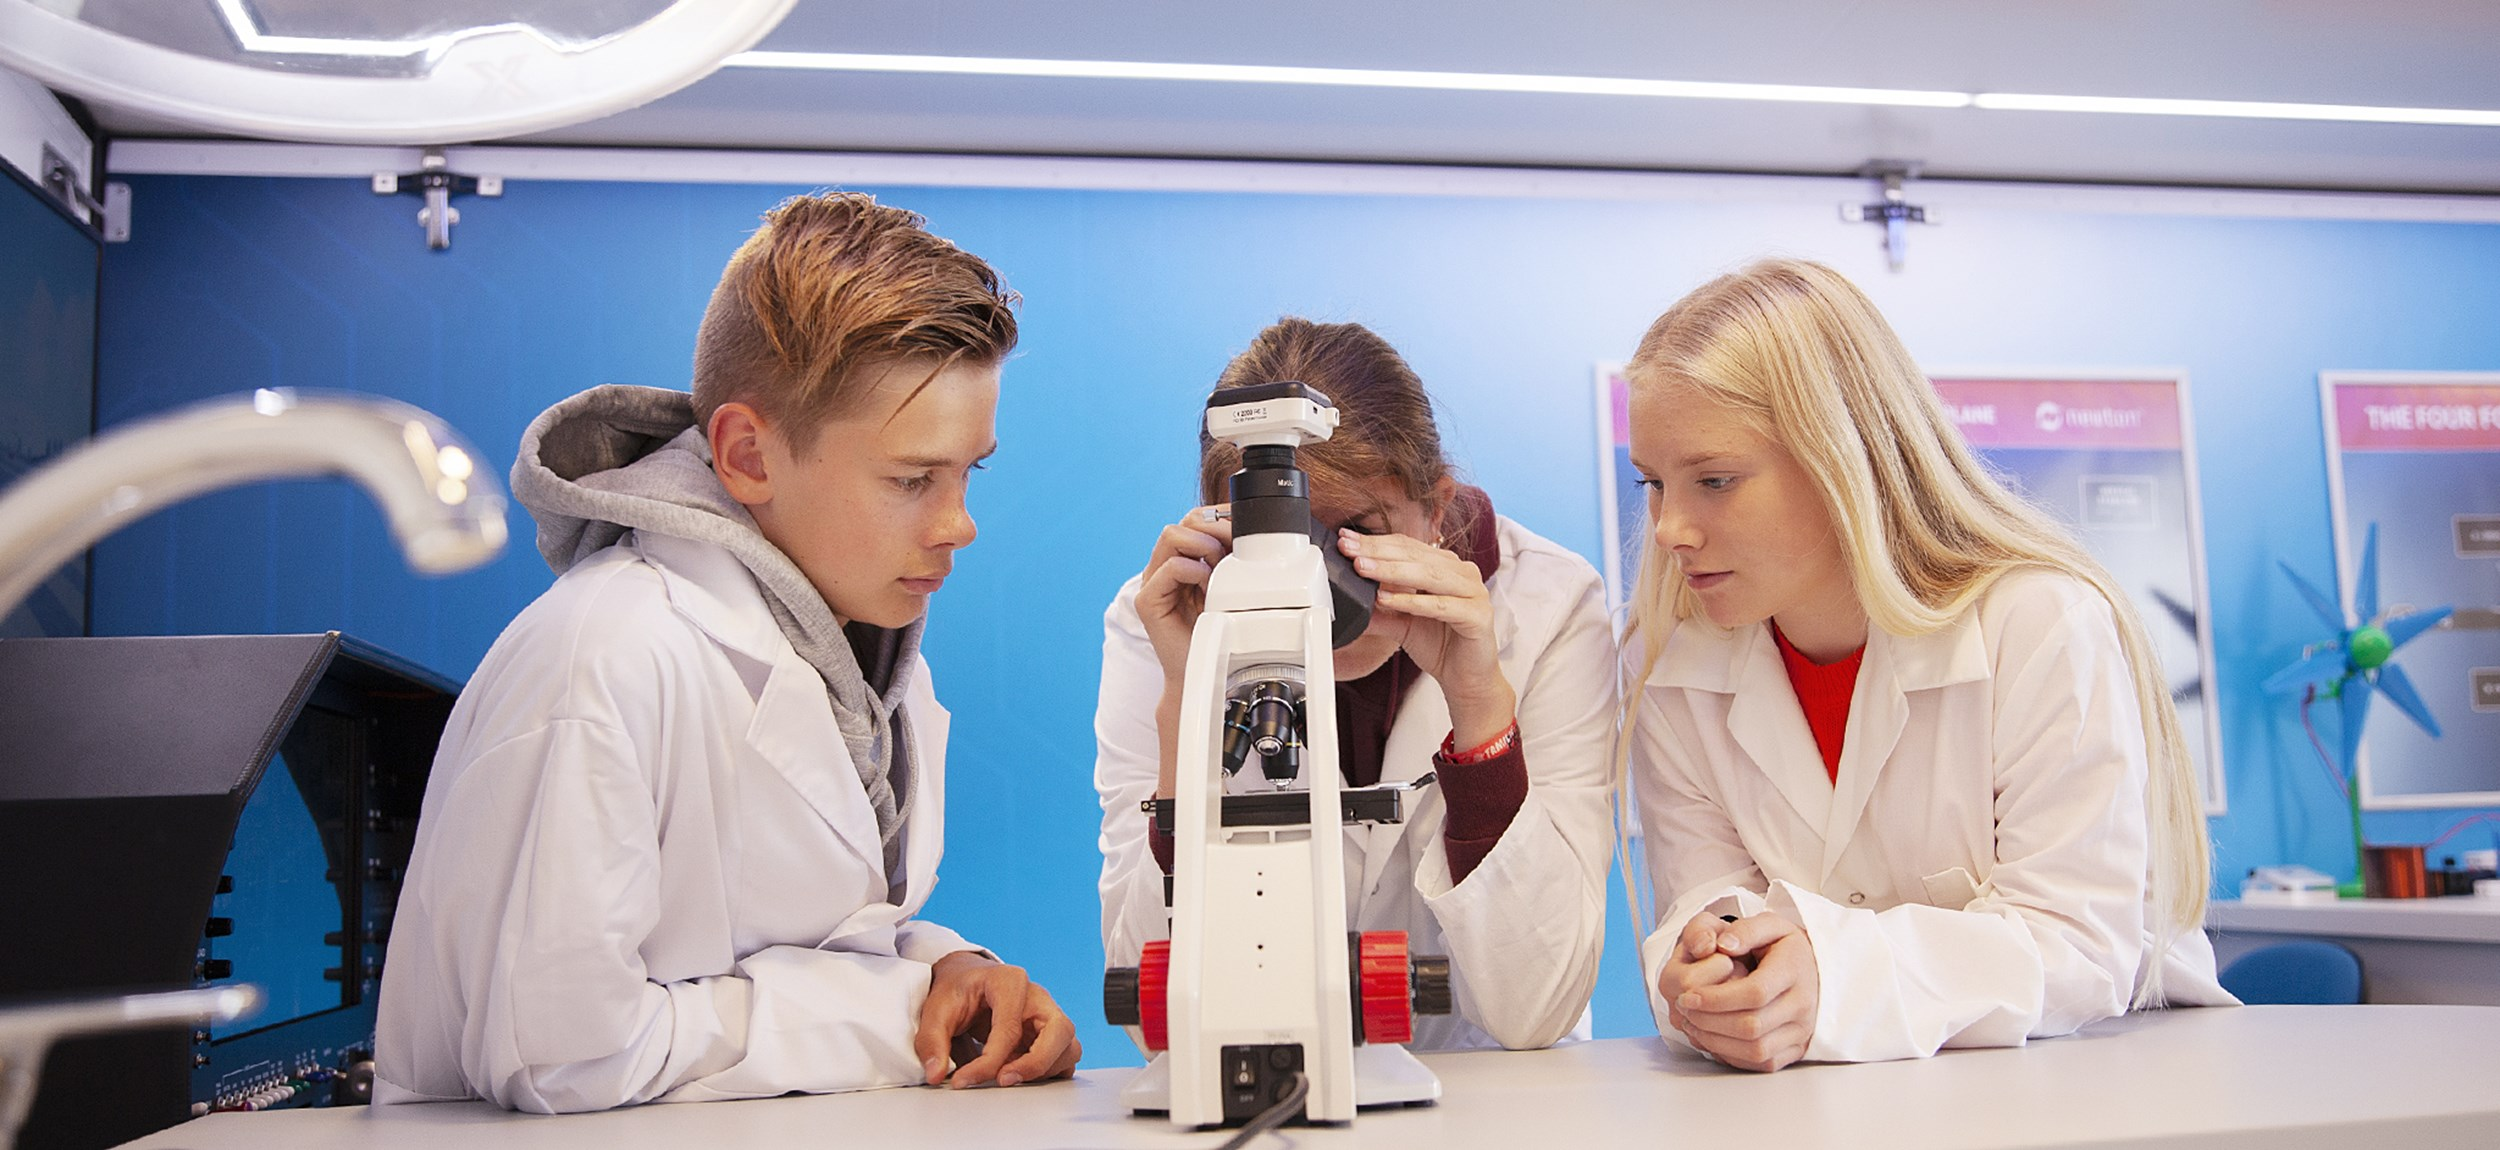 elever-mikroskop2.jpg